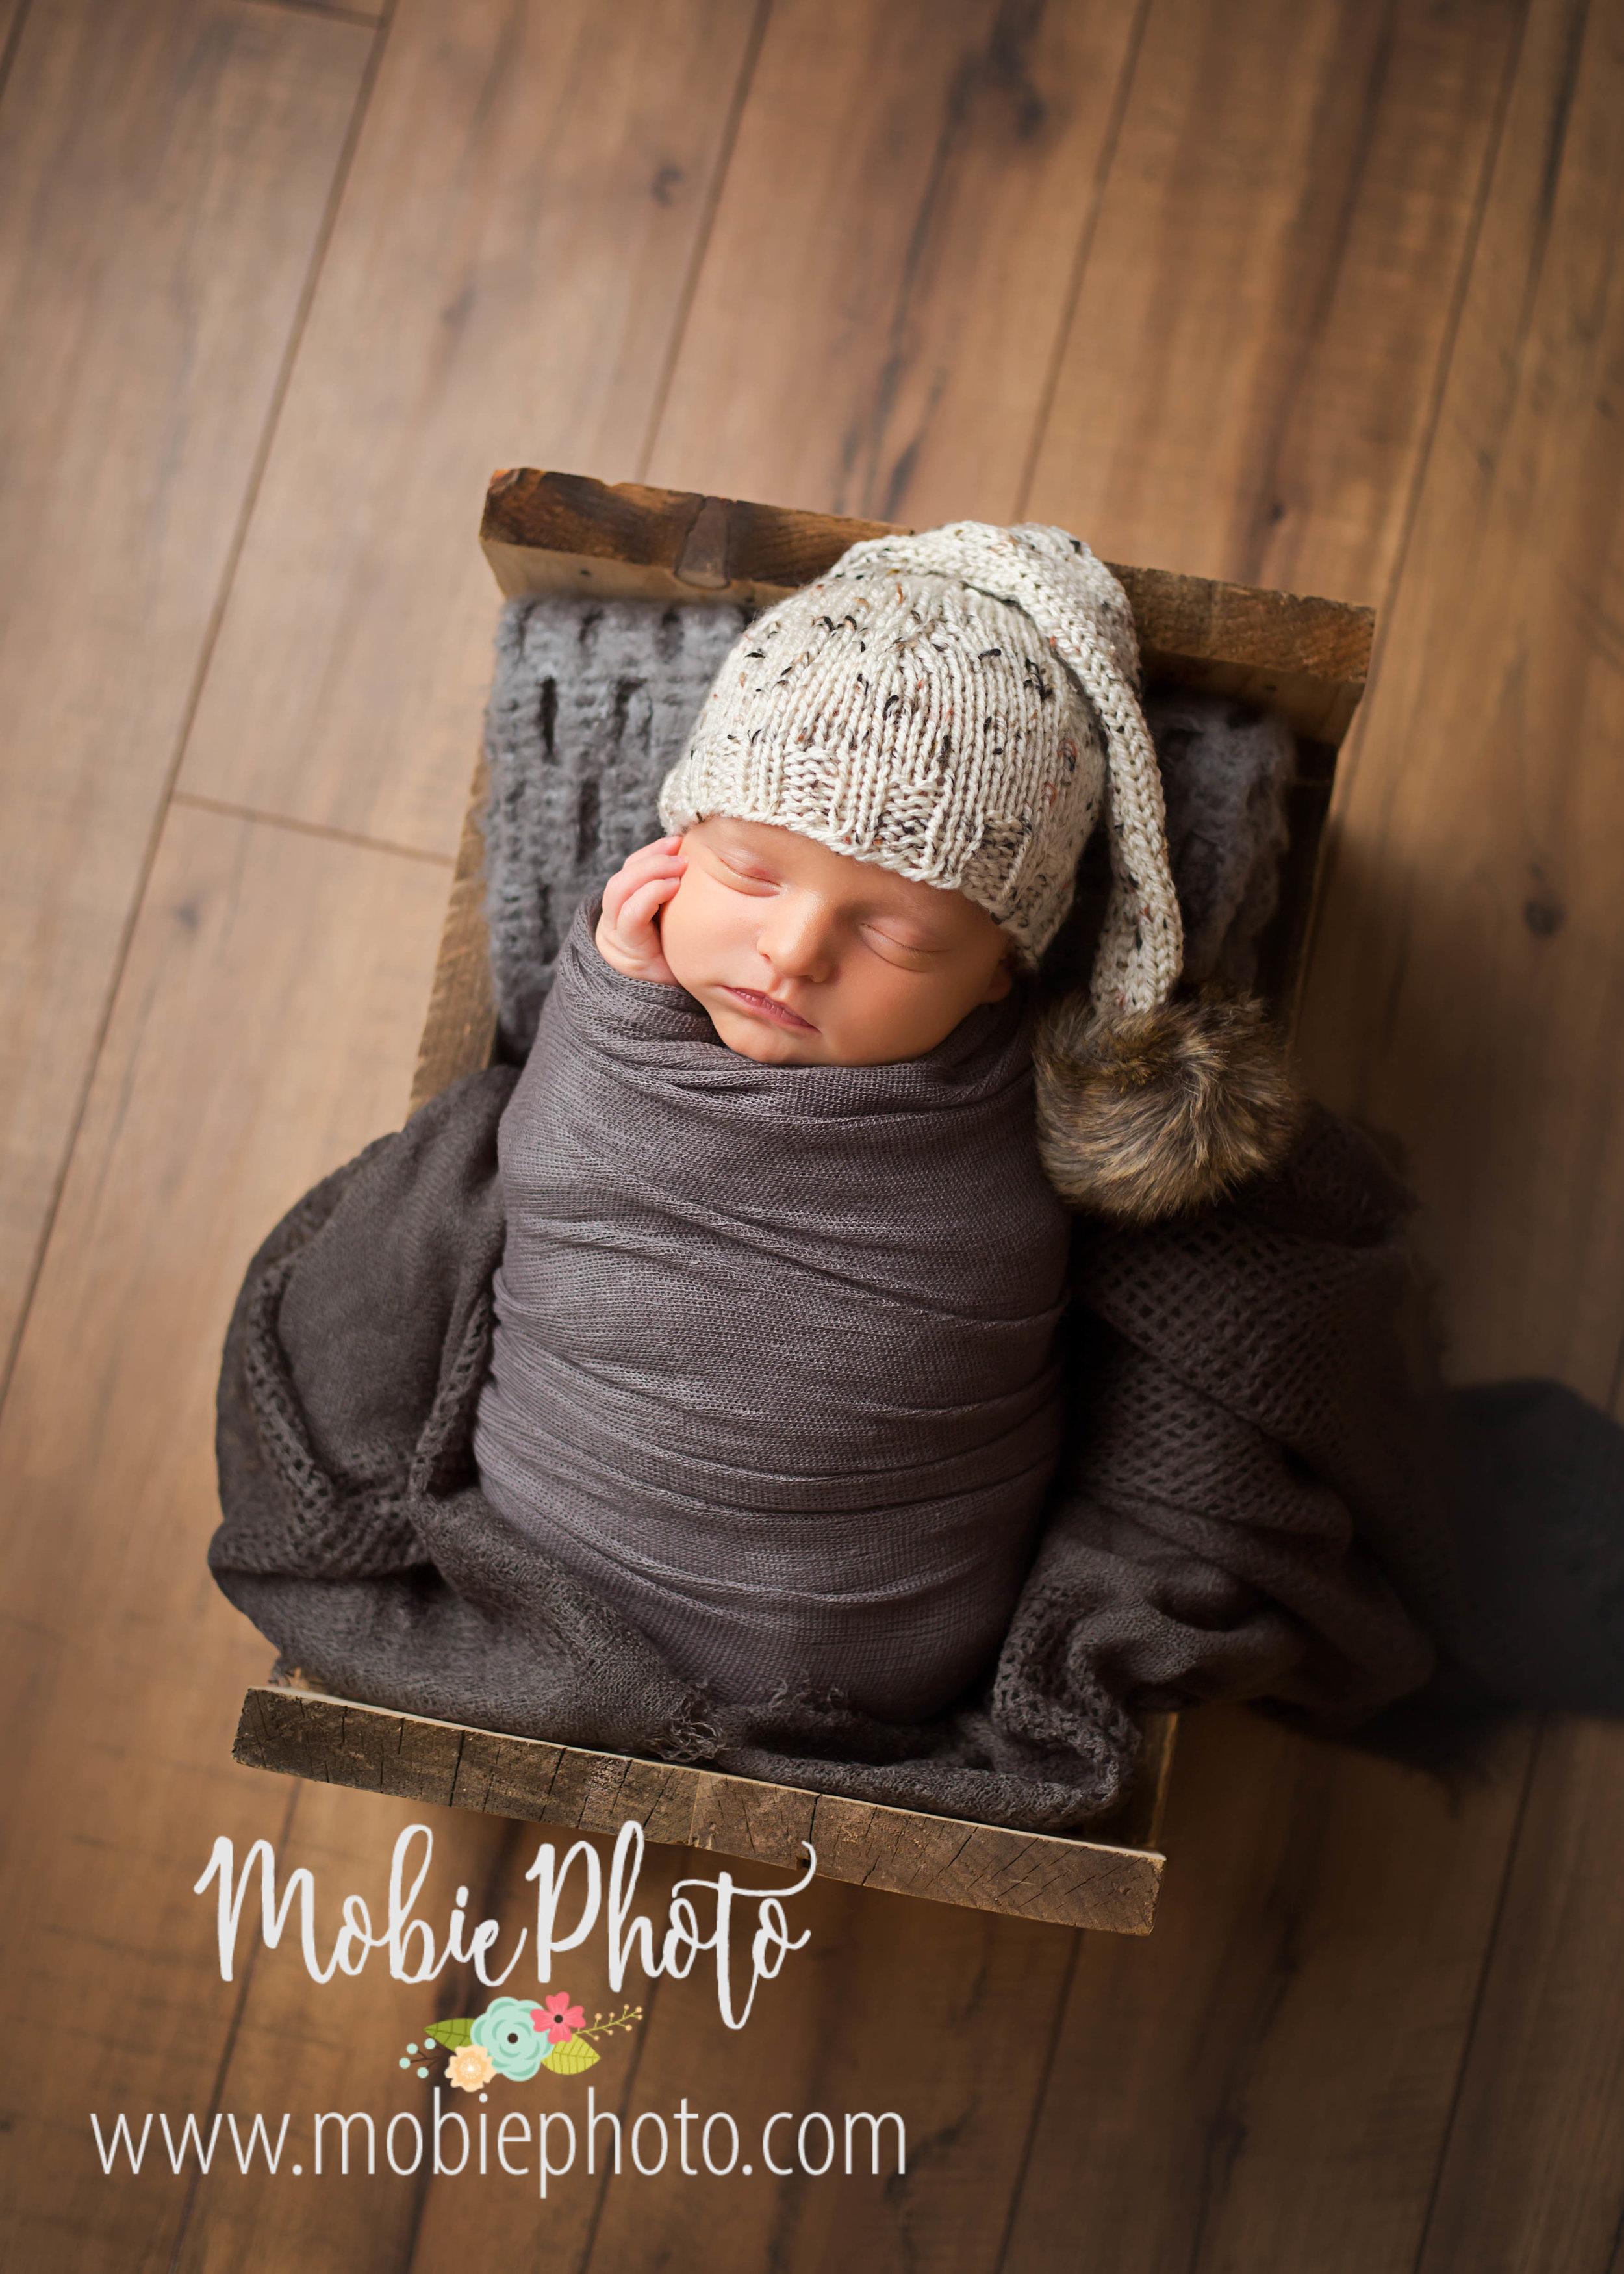 Utah Newborn Photographer - Full Newborn Session